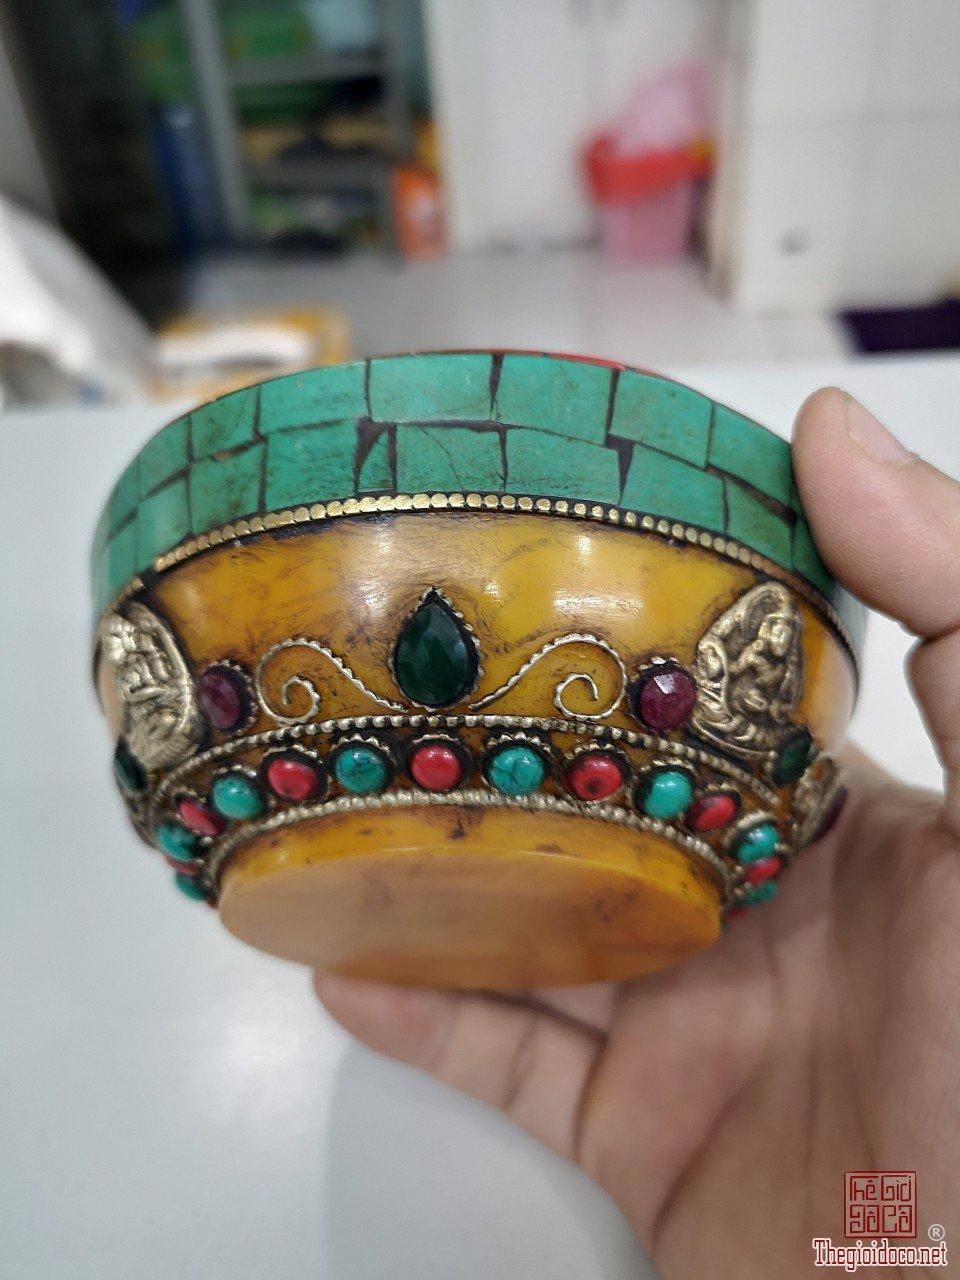 Ngọc cổ và kiểu cổ quý hiếm độc lạ các loại bán sỉ và lẻ toàn quốc hội xuân độ